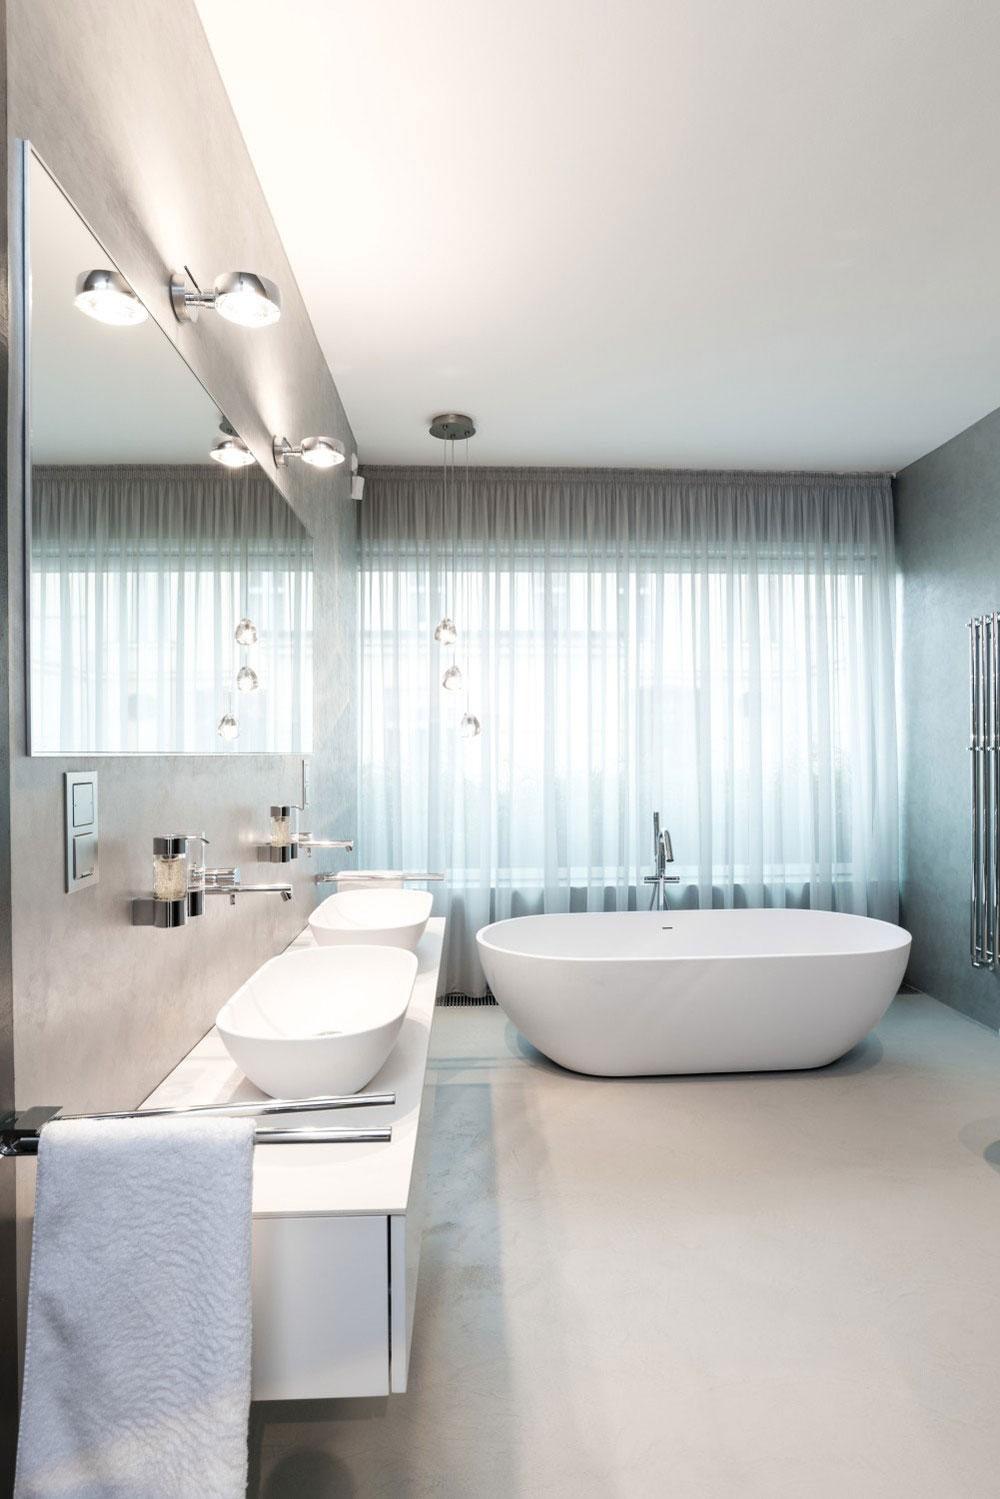 Latest-Bathroom-Interior-Design-Examples-3 Latest-Bathroom-Interior-Design-Examples